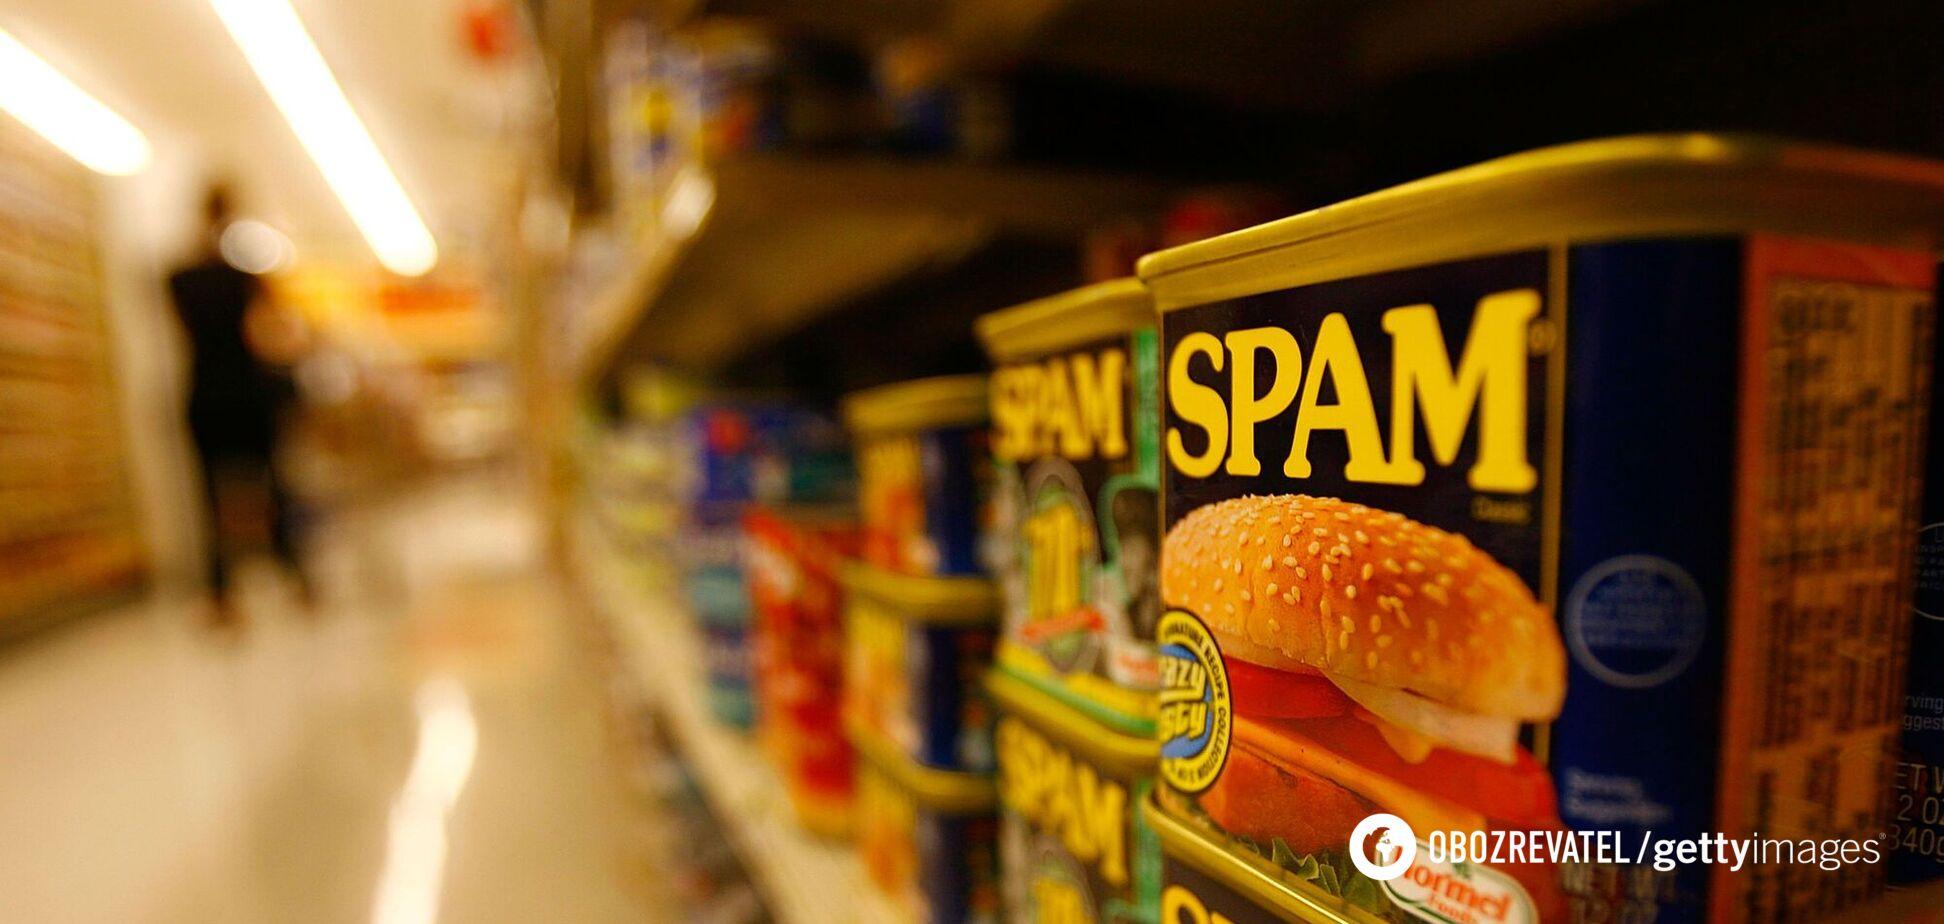 Держрезерв за 46 млн гривень купив тушонку дорожче, ніж у супермаркеті